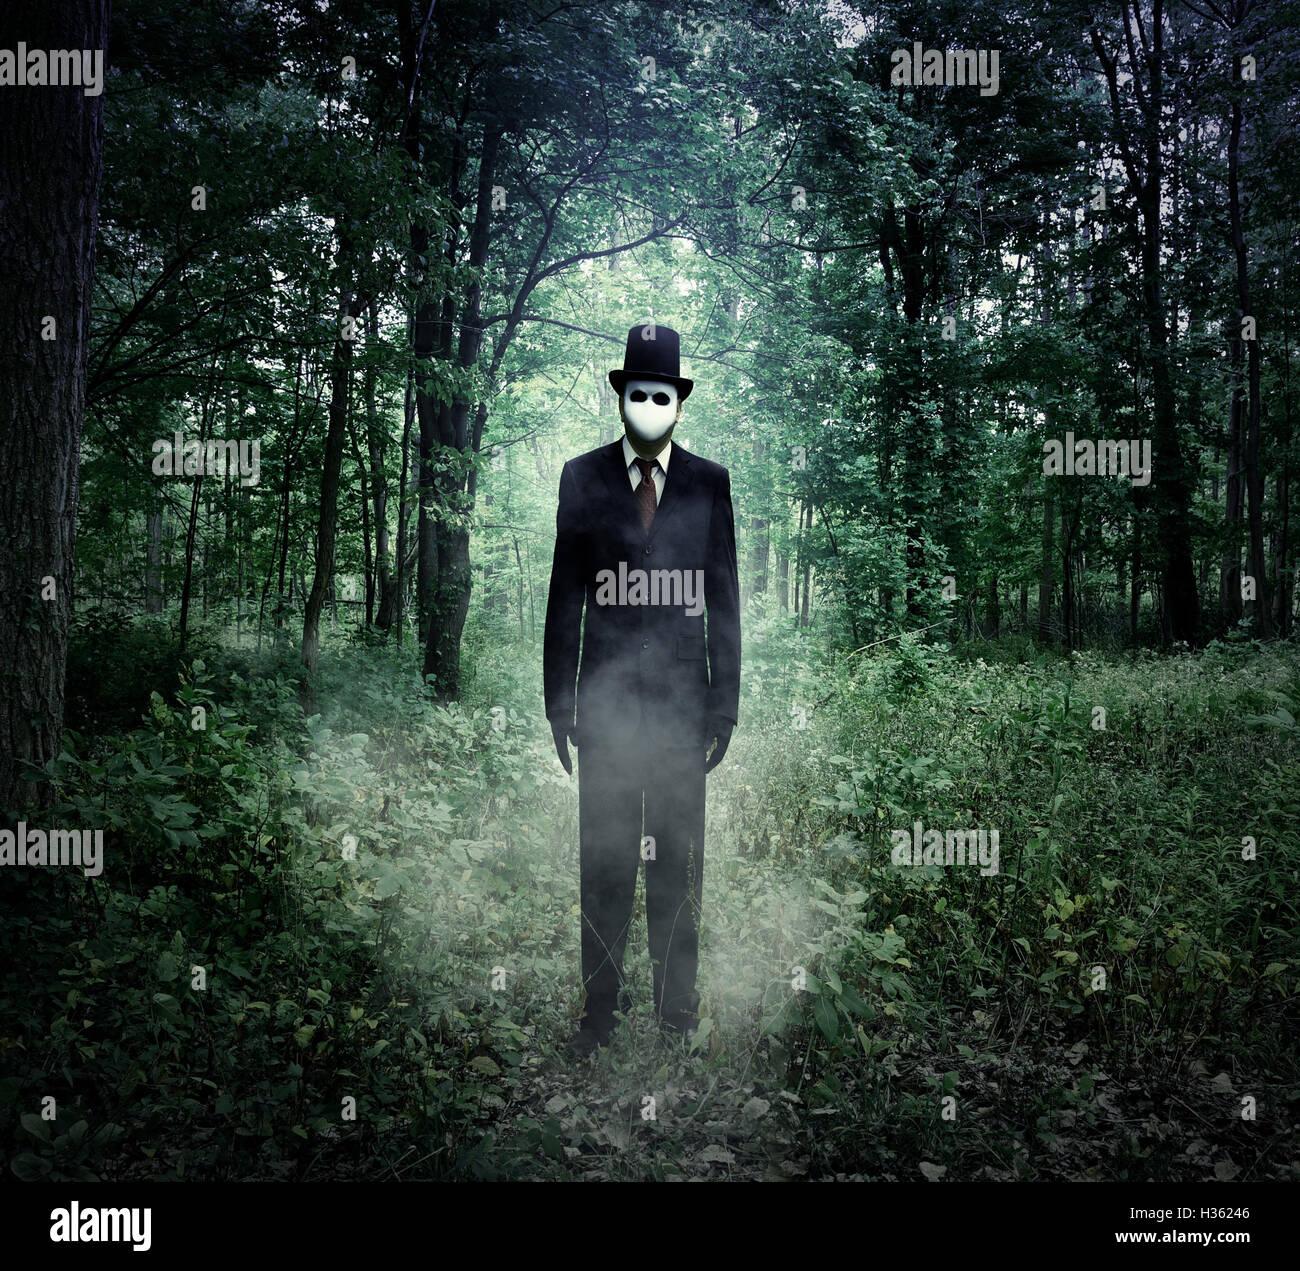 Ein unheimlicher großer Mann in einem schwarzen Anzug steht im dunklen Wald in der Nacht mit Nebel für Stockbild